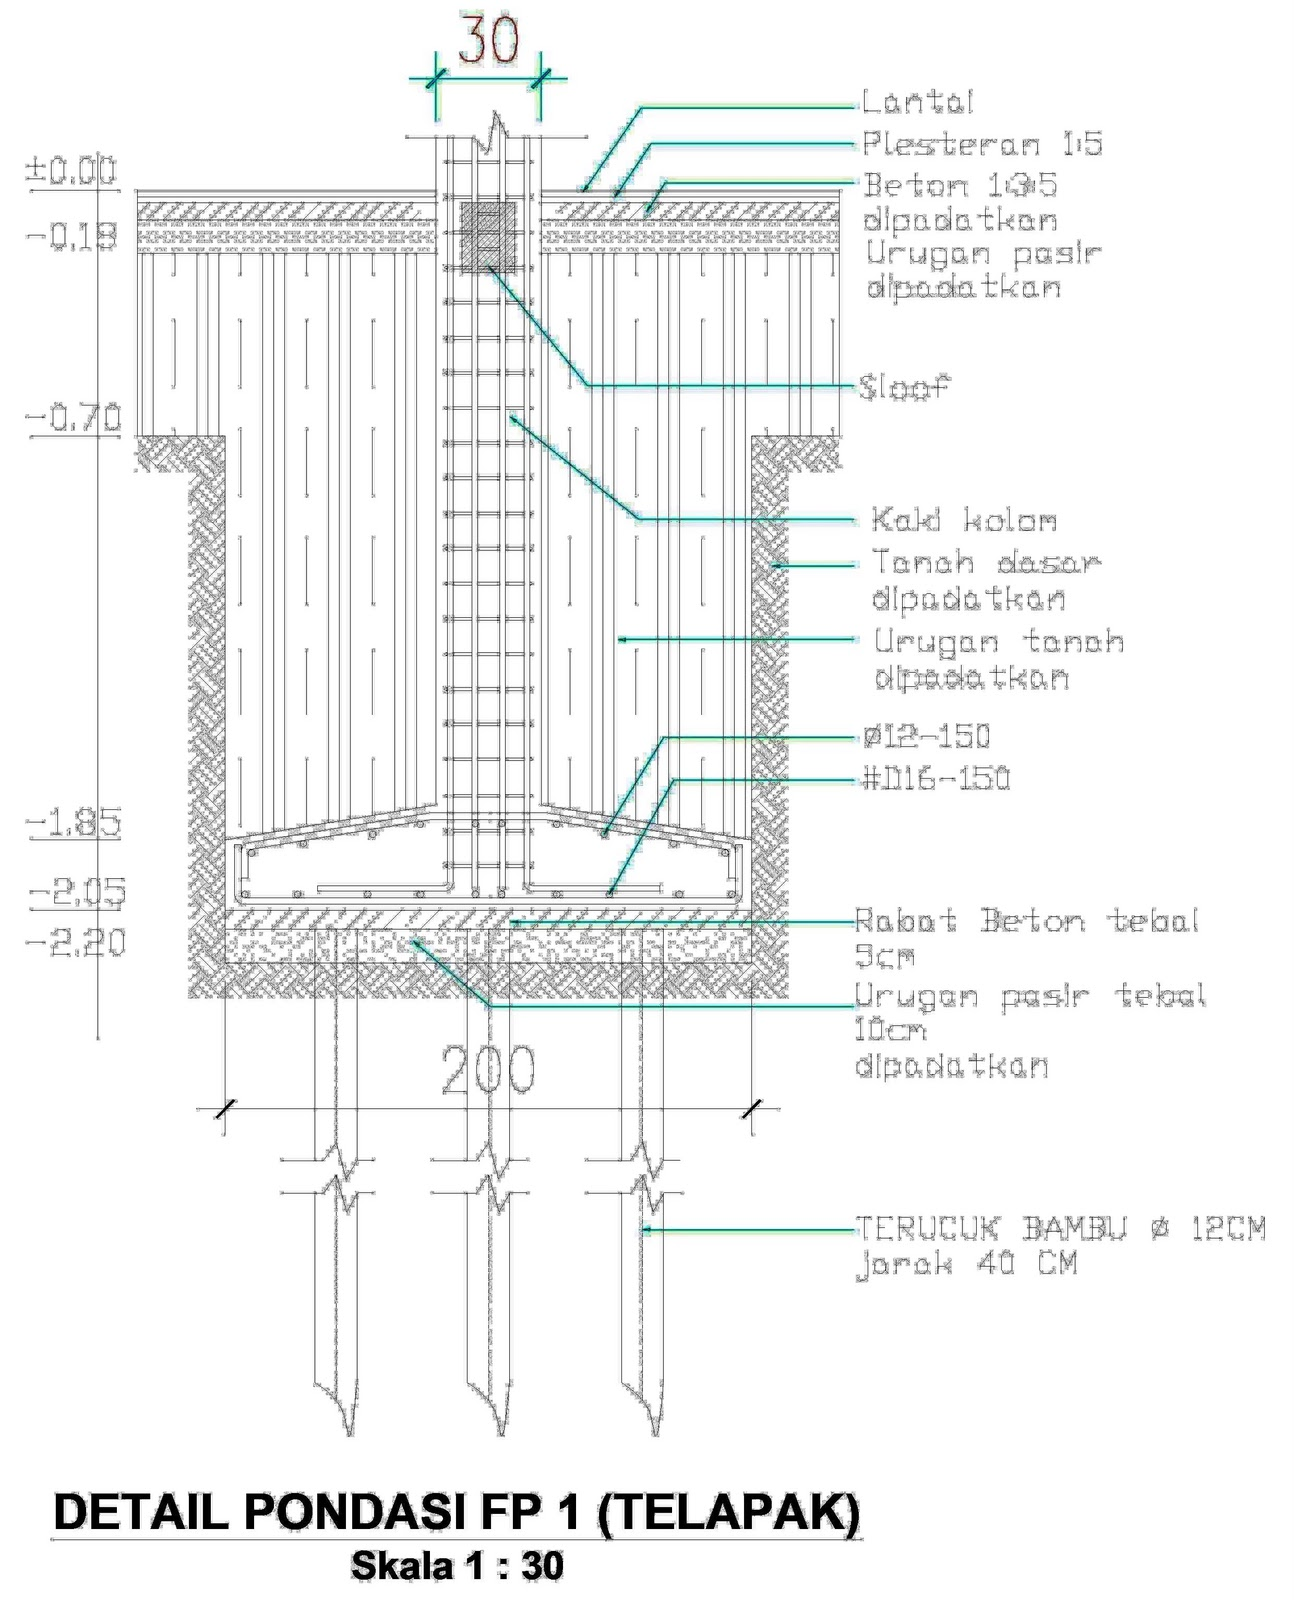 Image Result For Contoh Desain Kantor